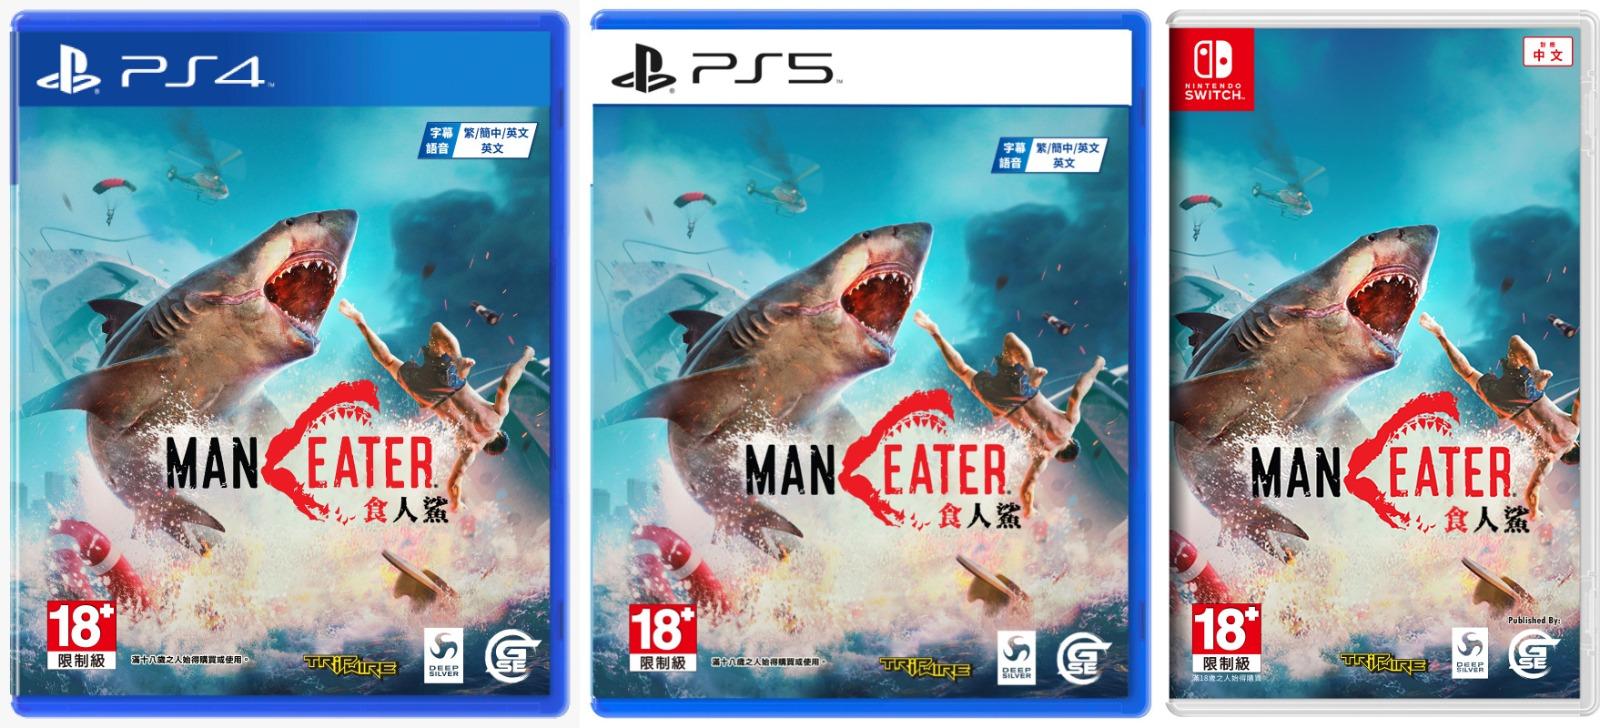 食人鯊,Maneater,PS5,PS4,NS,GSE,